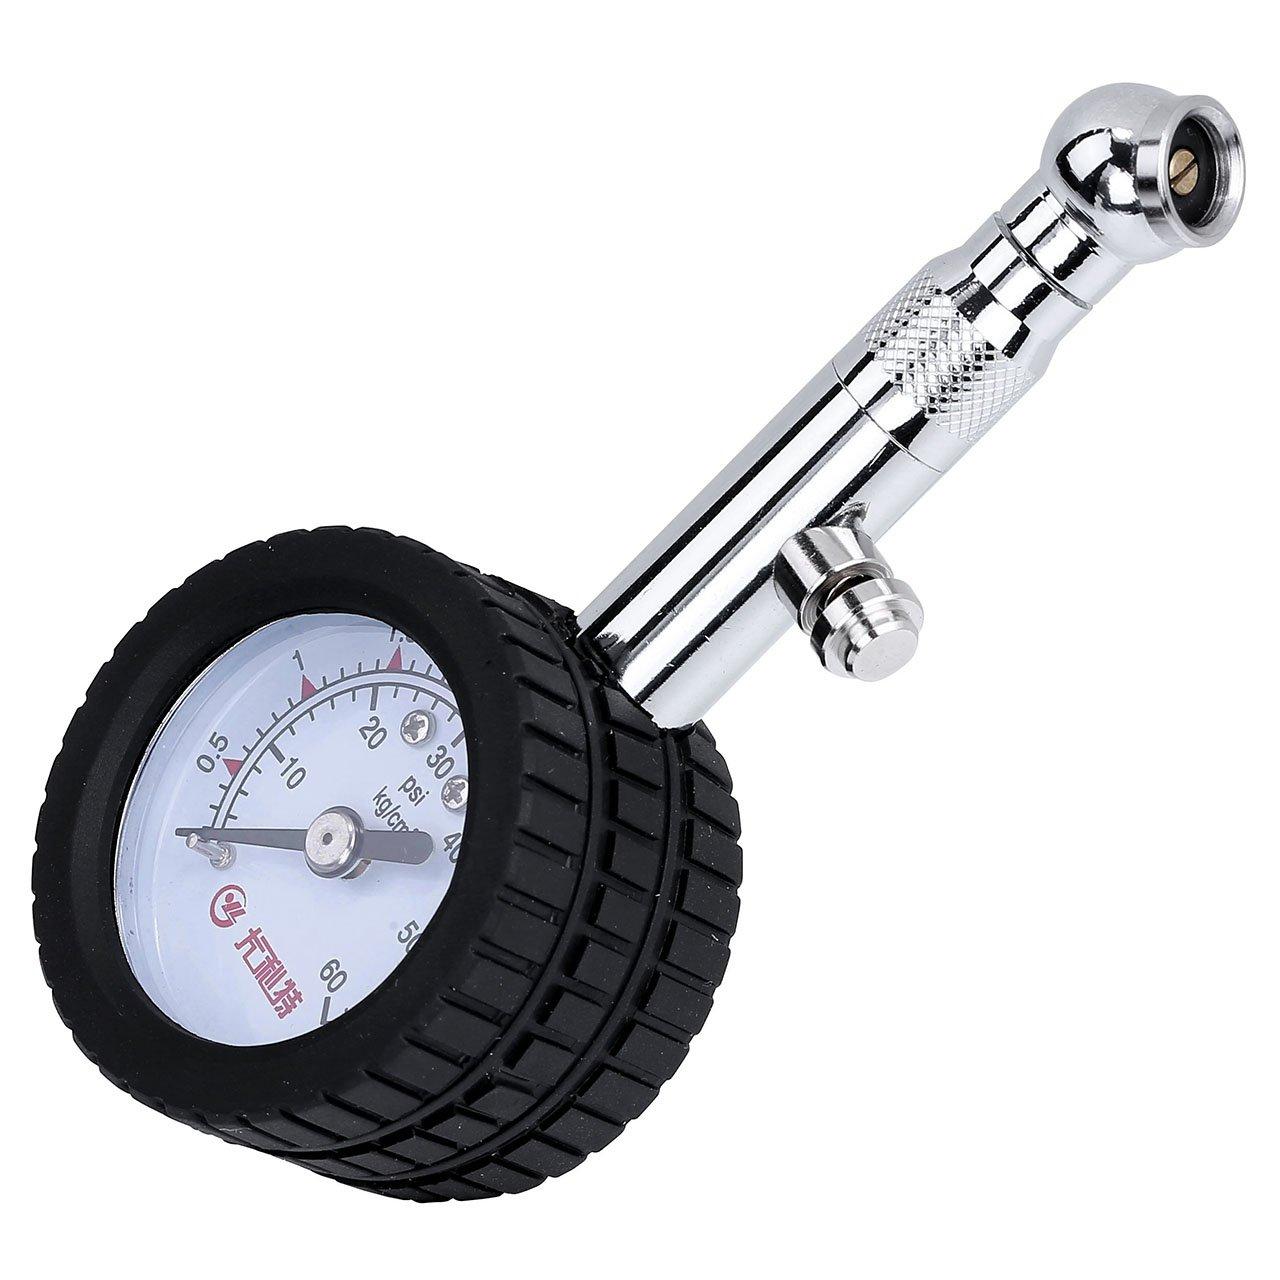 Graceme camiones bicicletas etc. 60 psi Mini Man/ómetro de presi/ón de neum/áticos para coches ATV motos UTV VTT